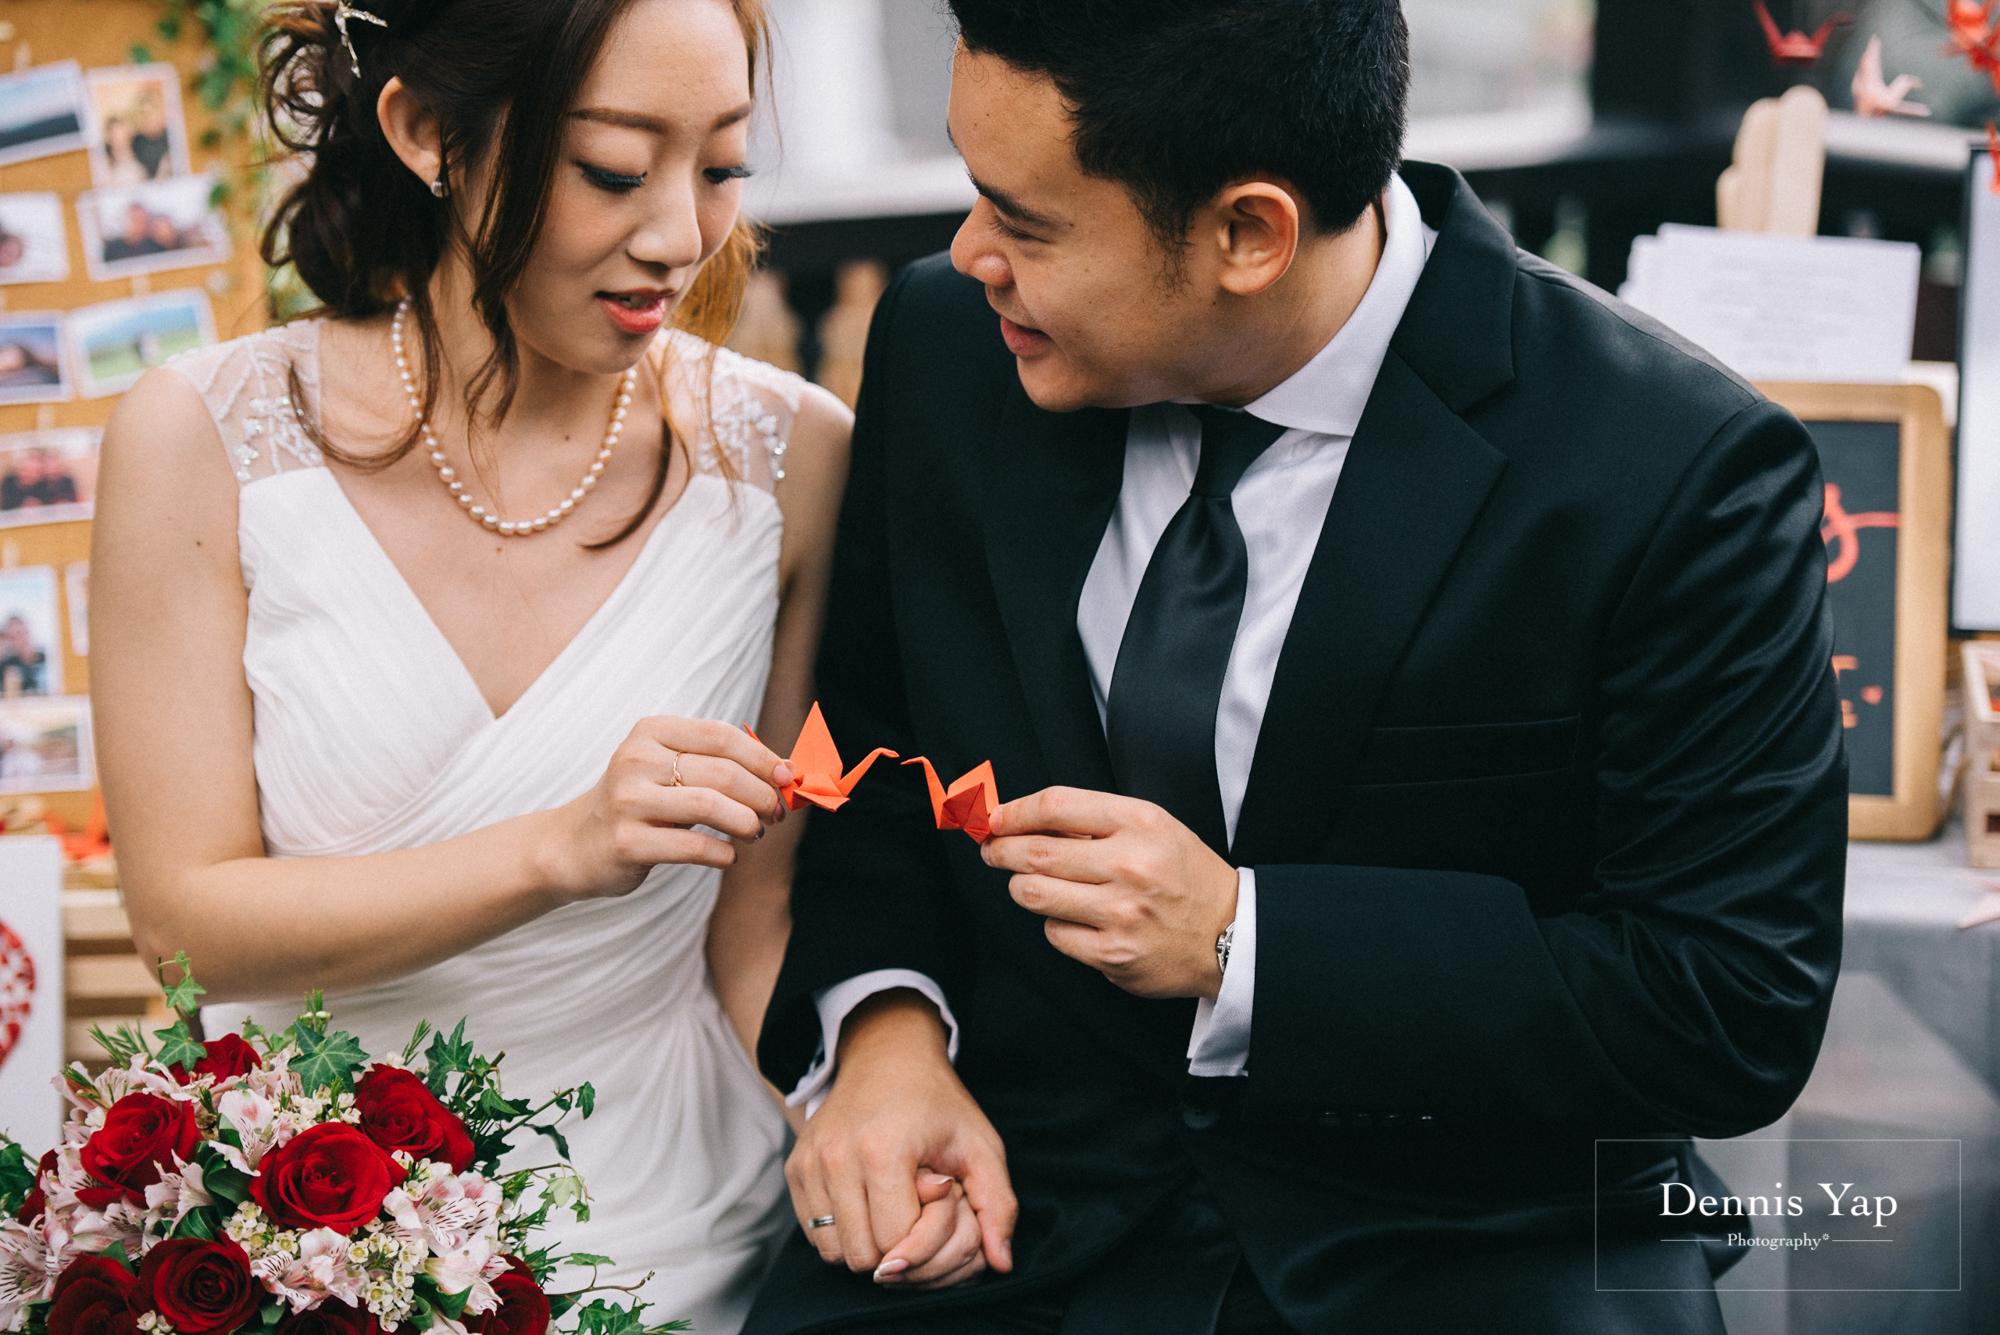 jason su lin rom registration gita bayu serdang wedding reception ceremony dennis yap photography fog malaysia-7.jpg